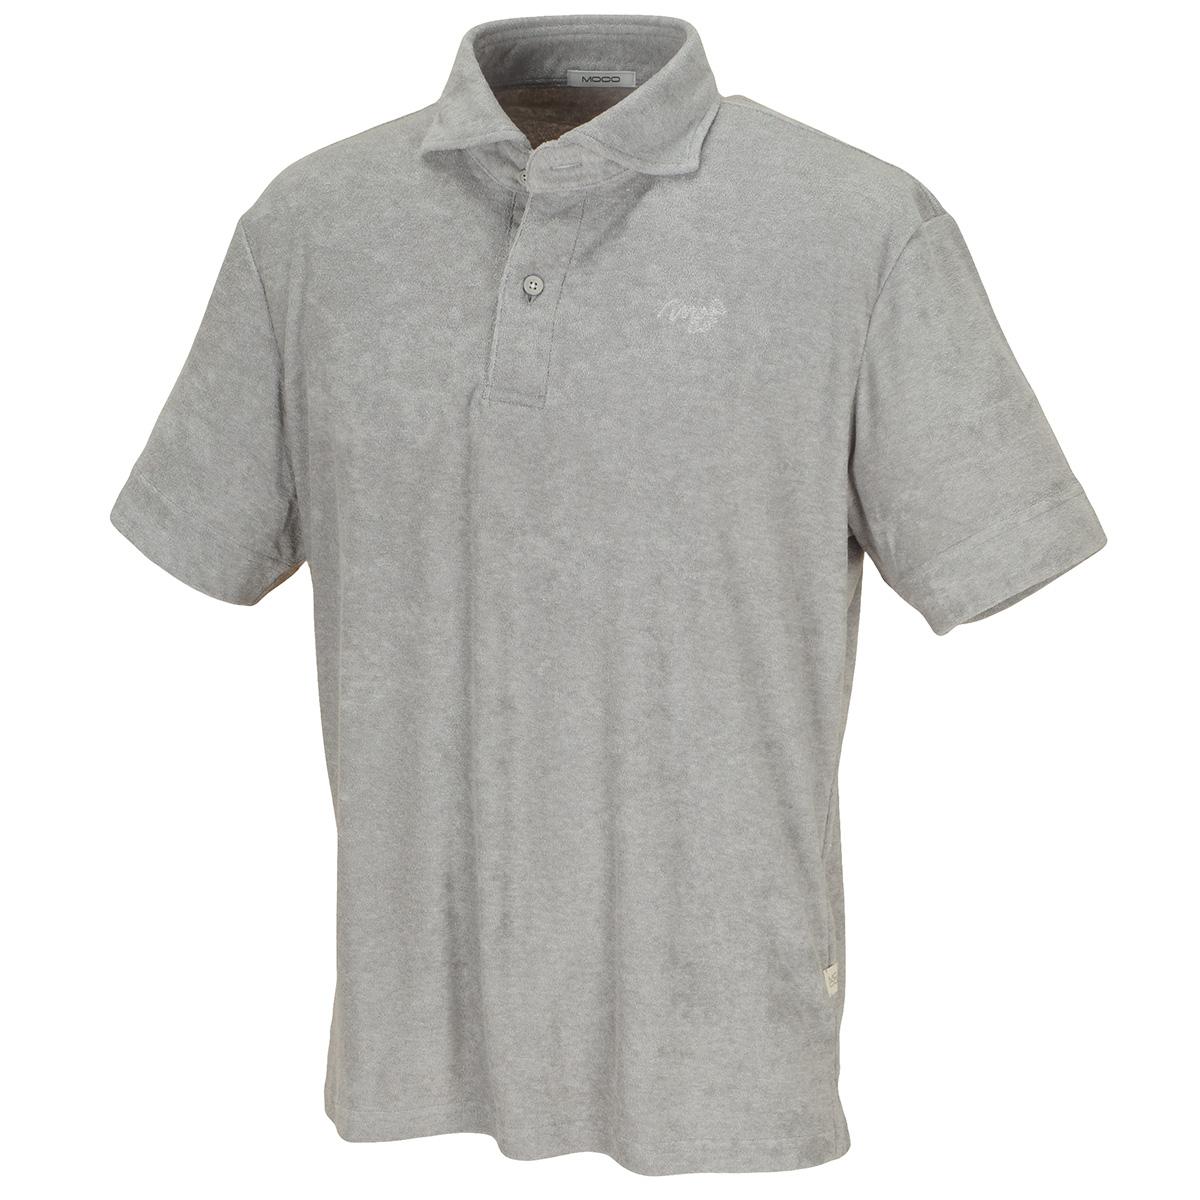 クールVパイル半袖ポロシャツ